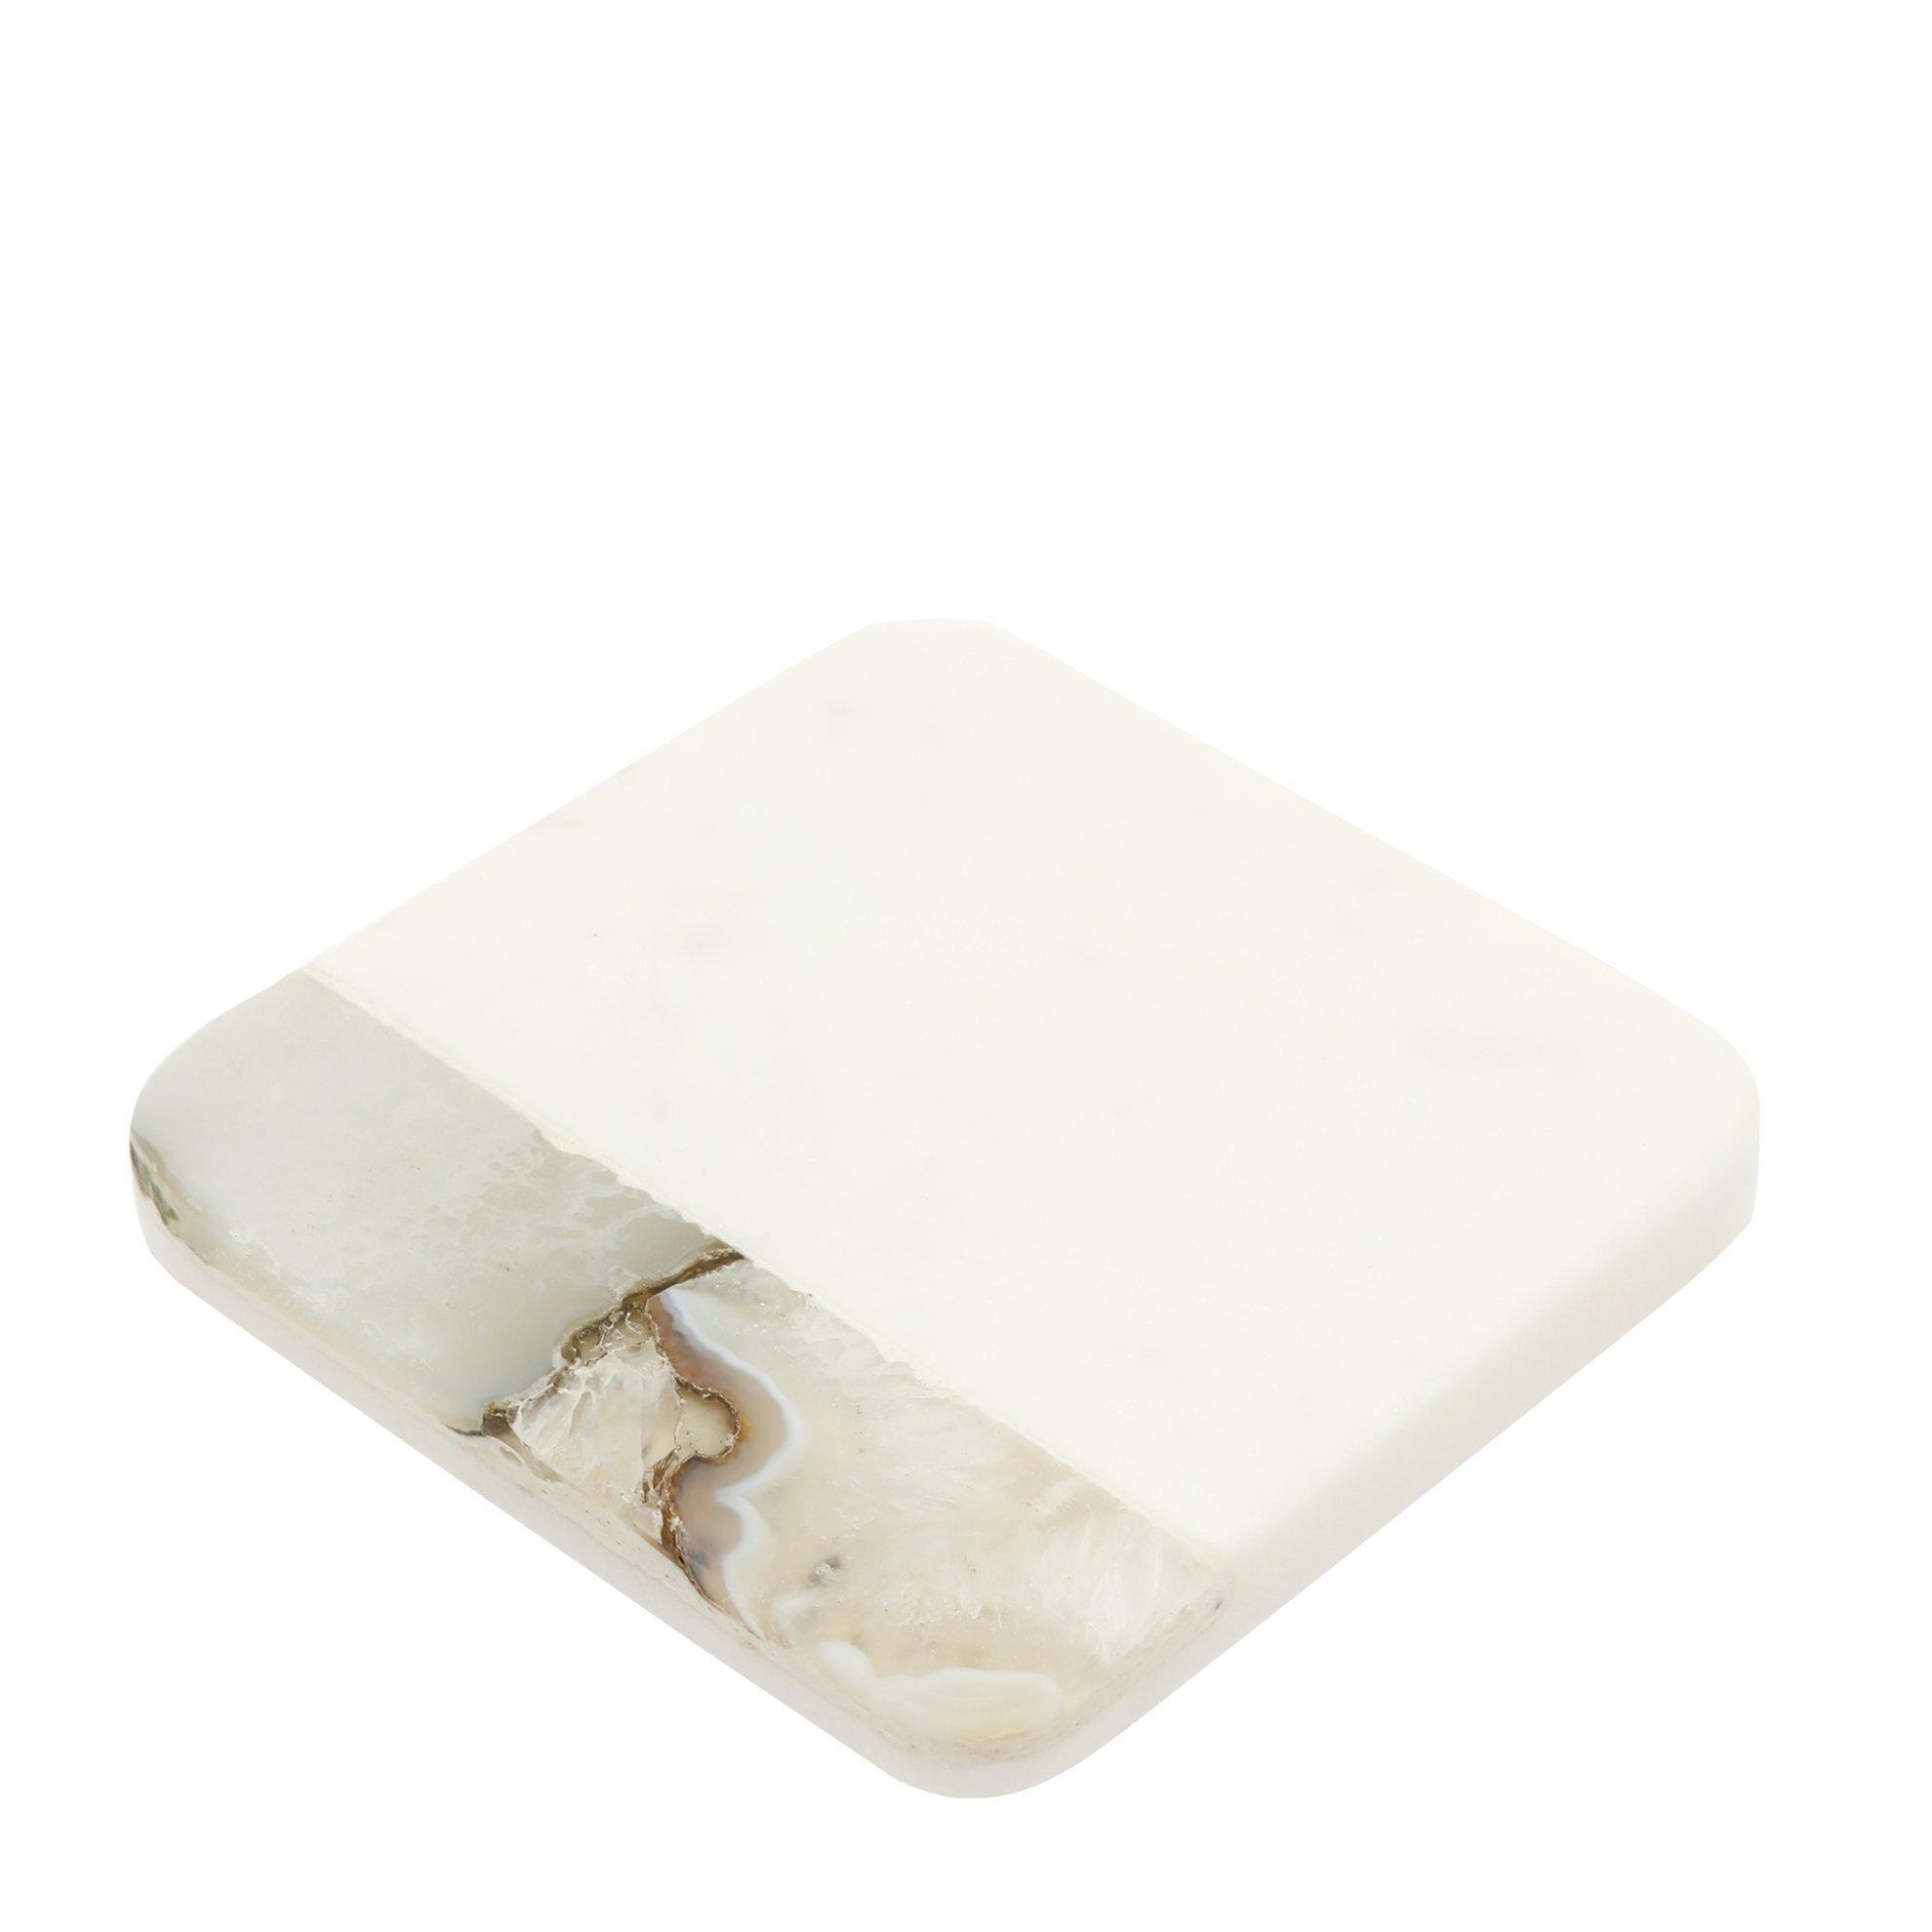 Mermer Bardak Altlığı (10,5x10,5x1,3cm)